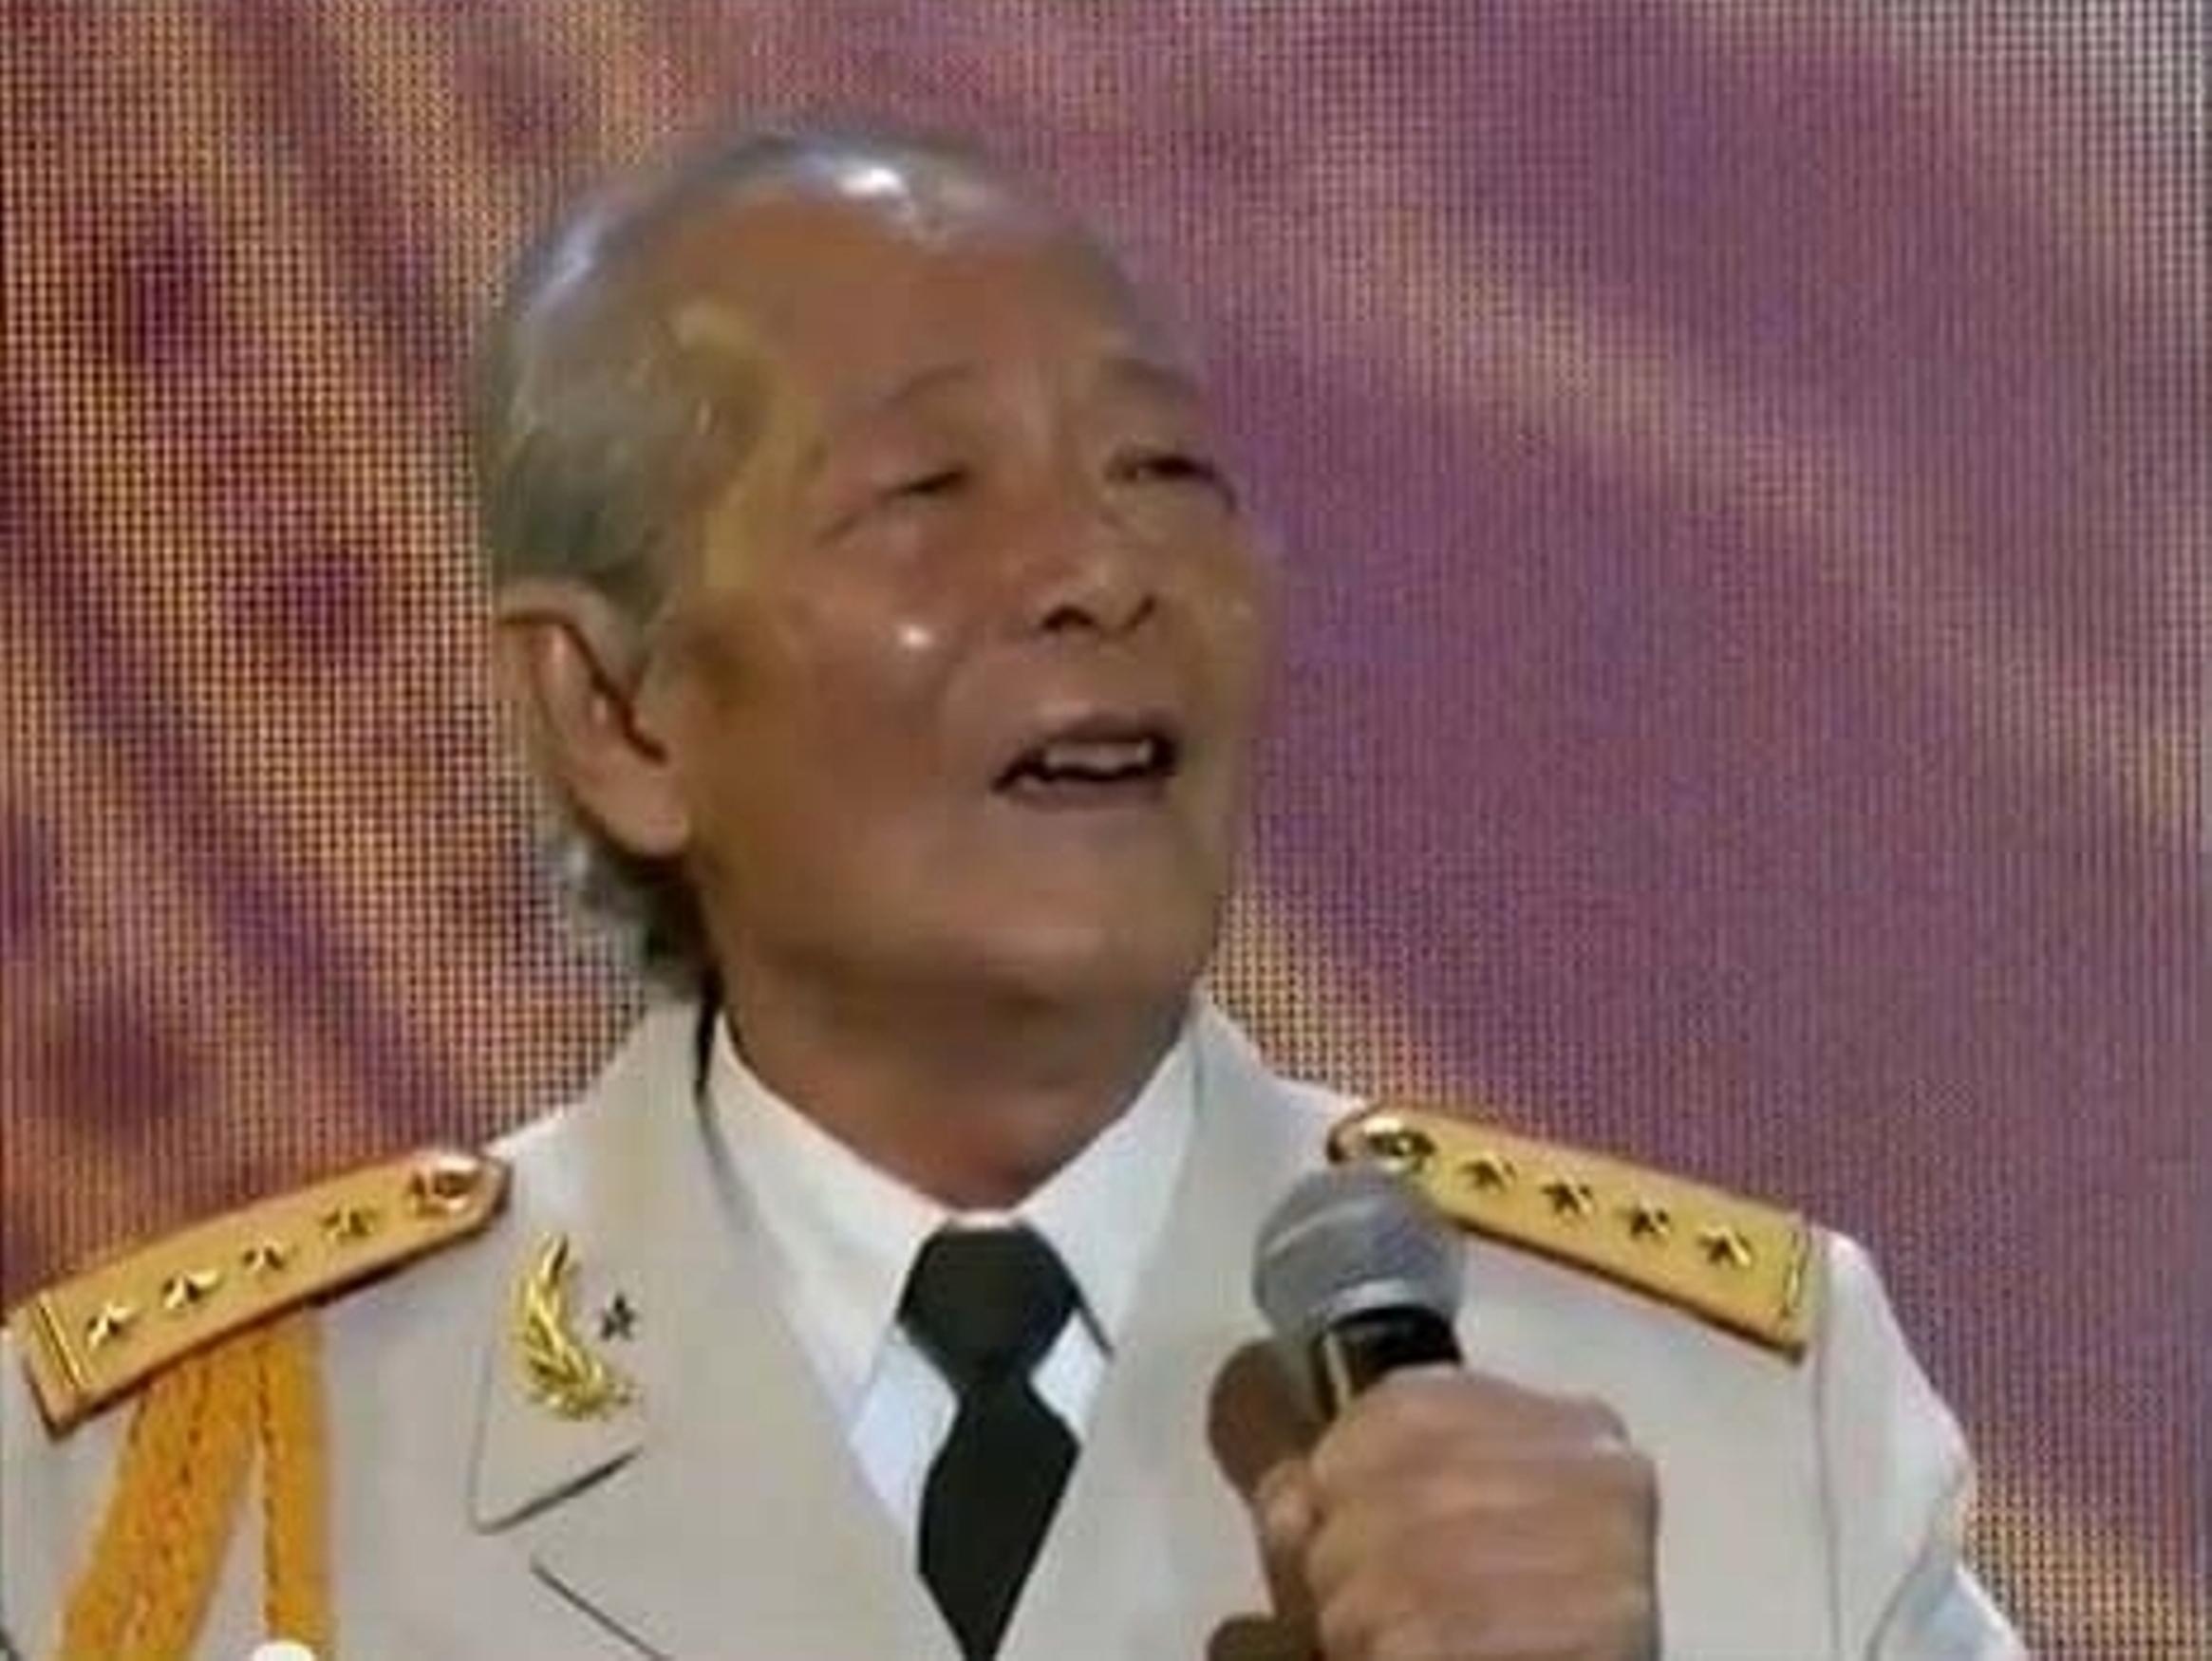 NSƯT Quang Hưng: Ca sĩ của dấu ấn lịch sử